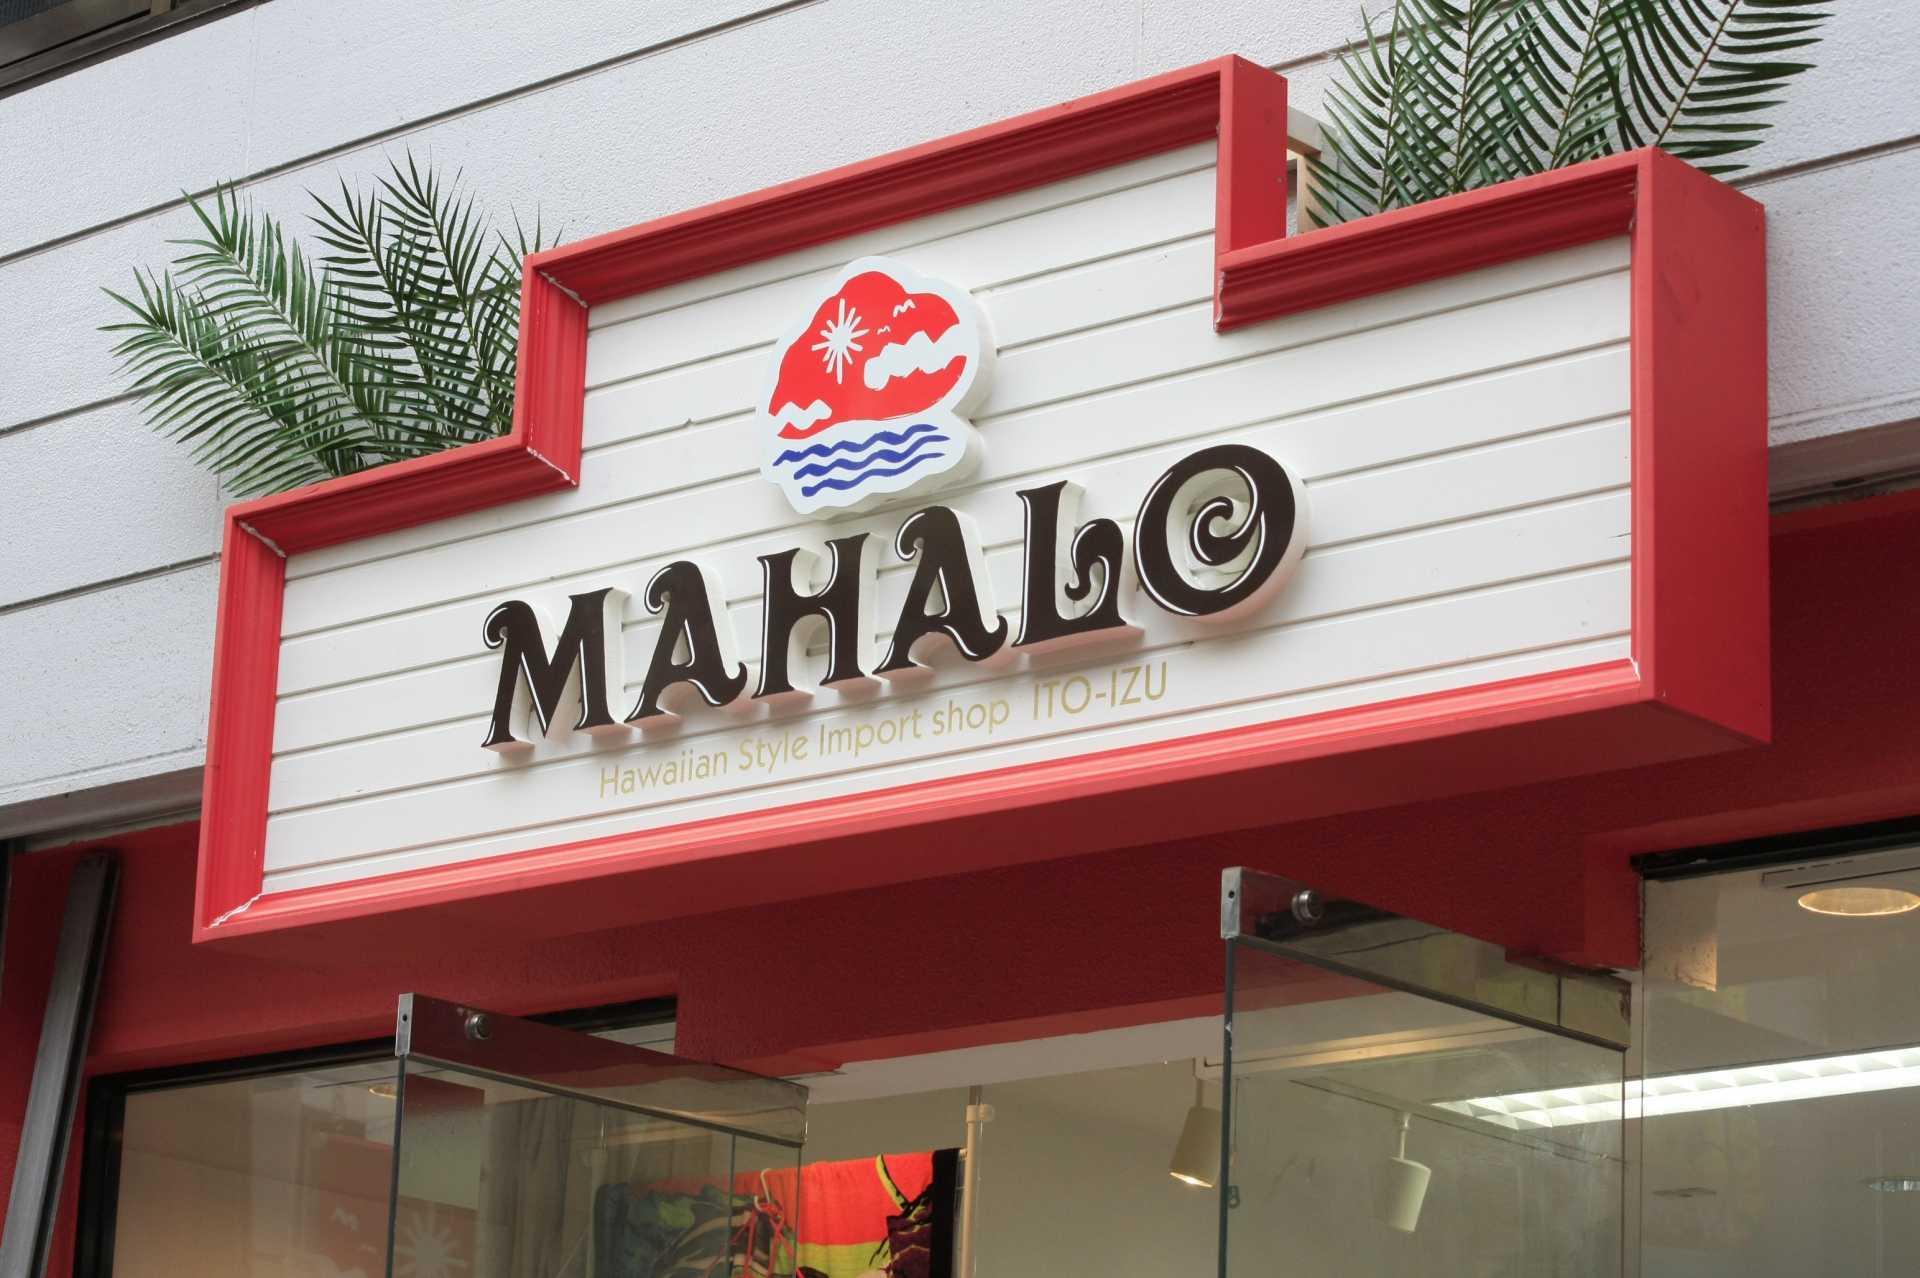 伊東市のハワイ雑貨店「マハロ」。売上アップでハワイ買い付けが三倍に。